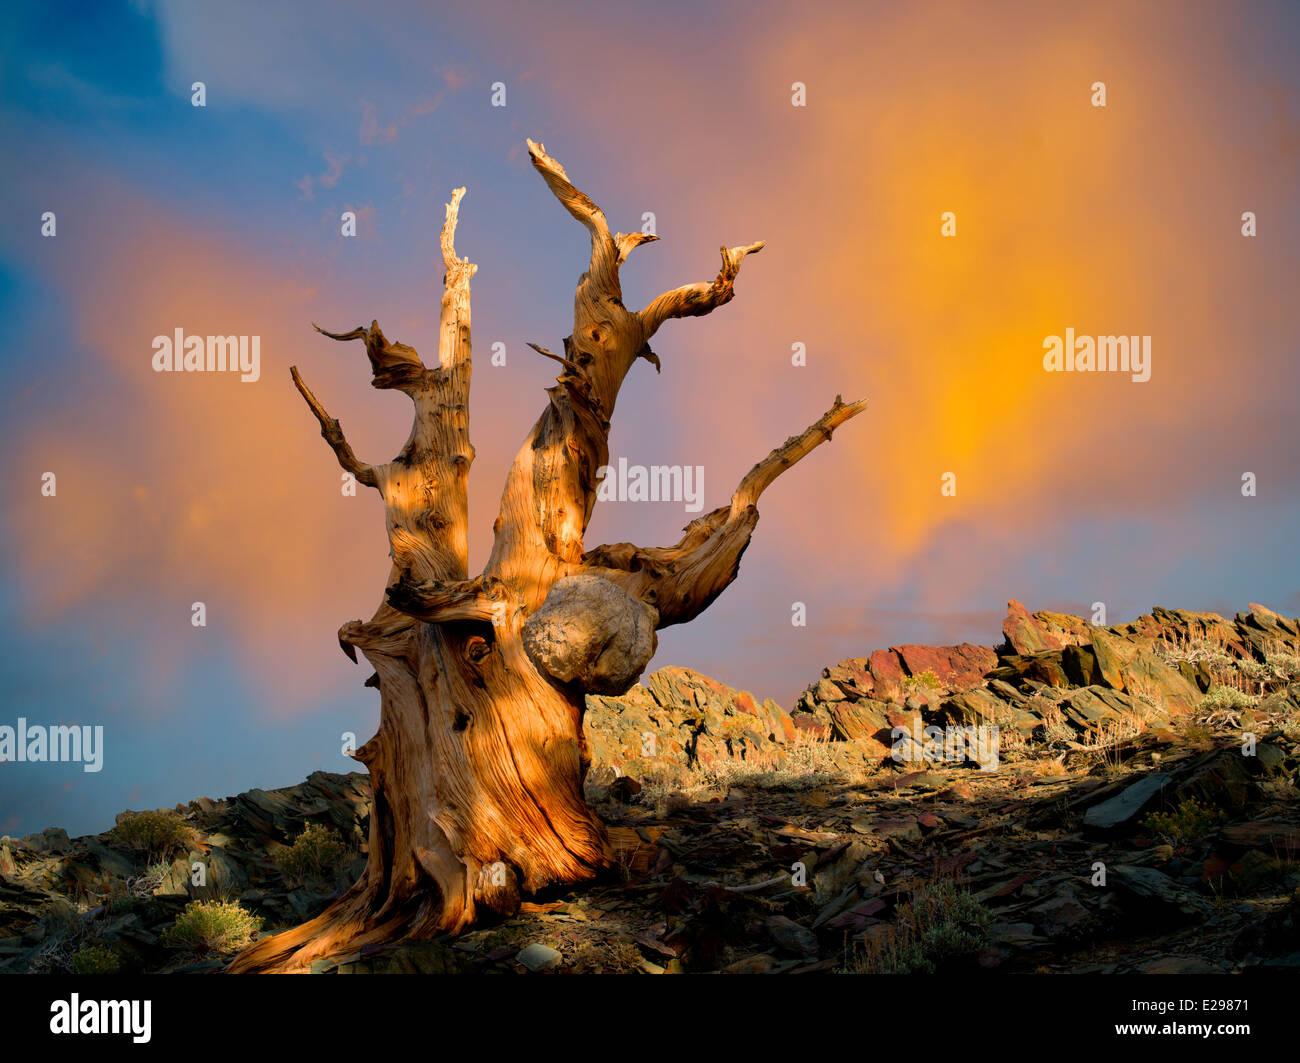 Bristlecone Pine Tree. Bristlecone antica foresta di pini, Inyo County, California Immagini Stock